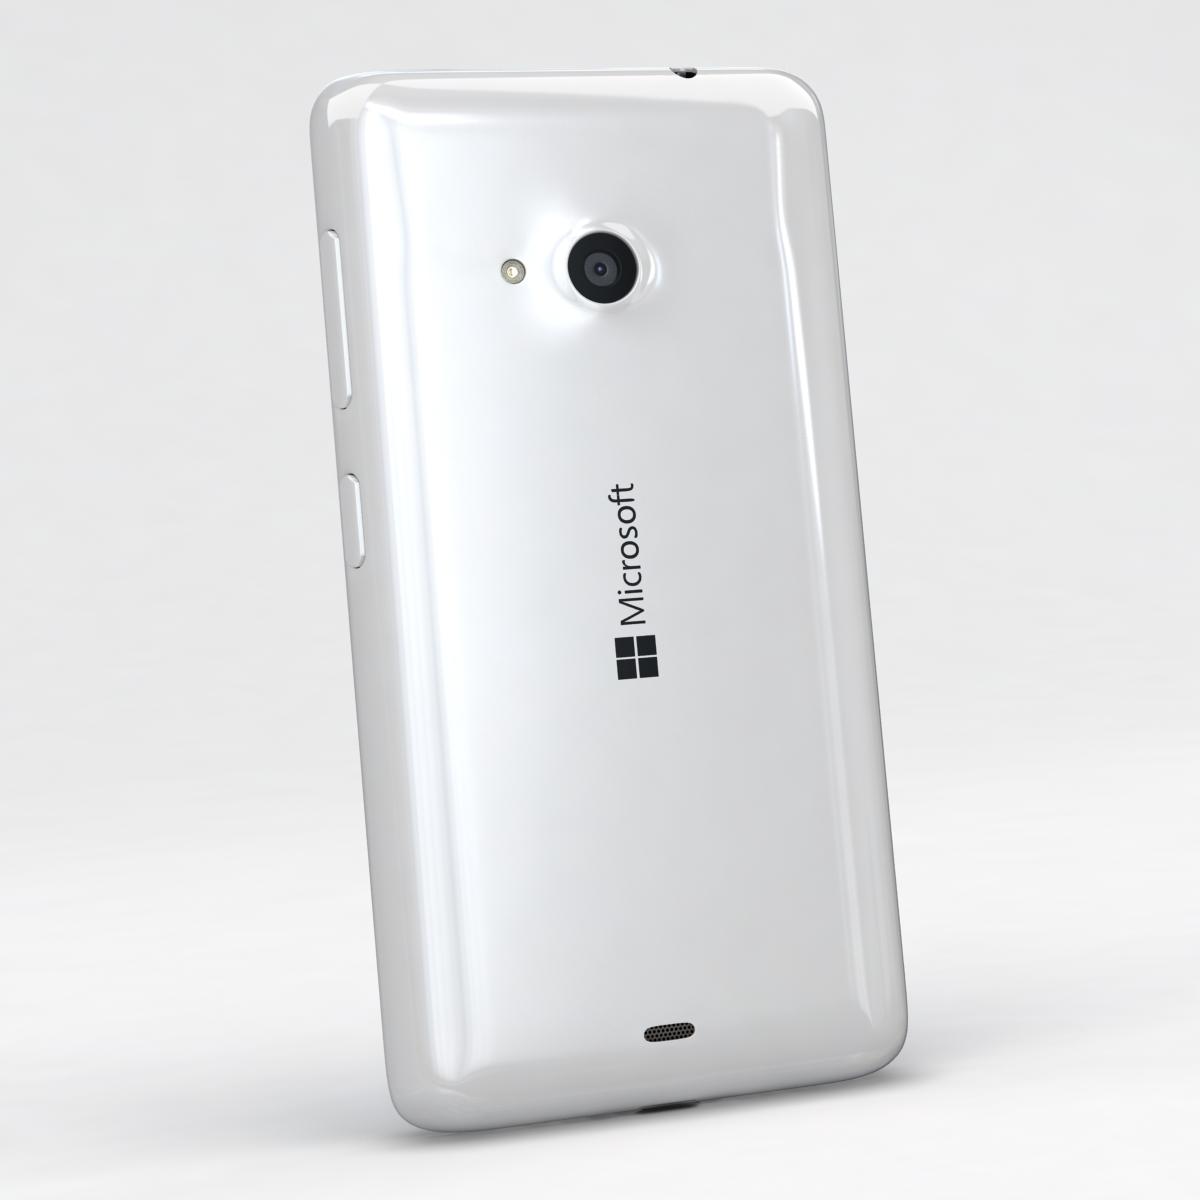 microsoft lumia 535 and dual sim all colors 3d model 3ds max fbx c4d obj 204680